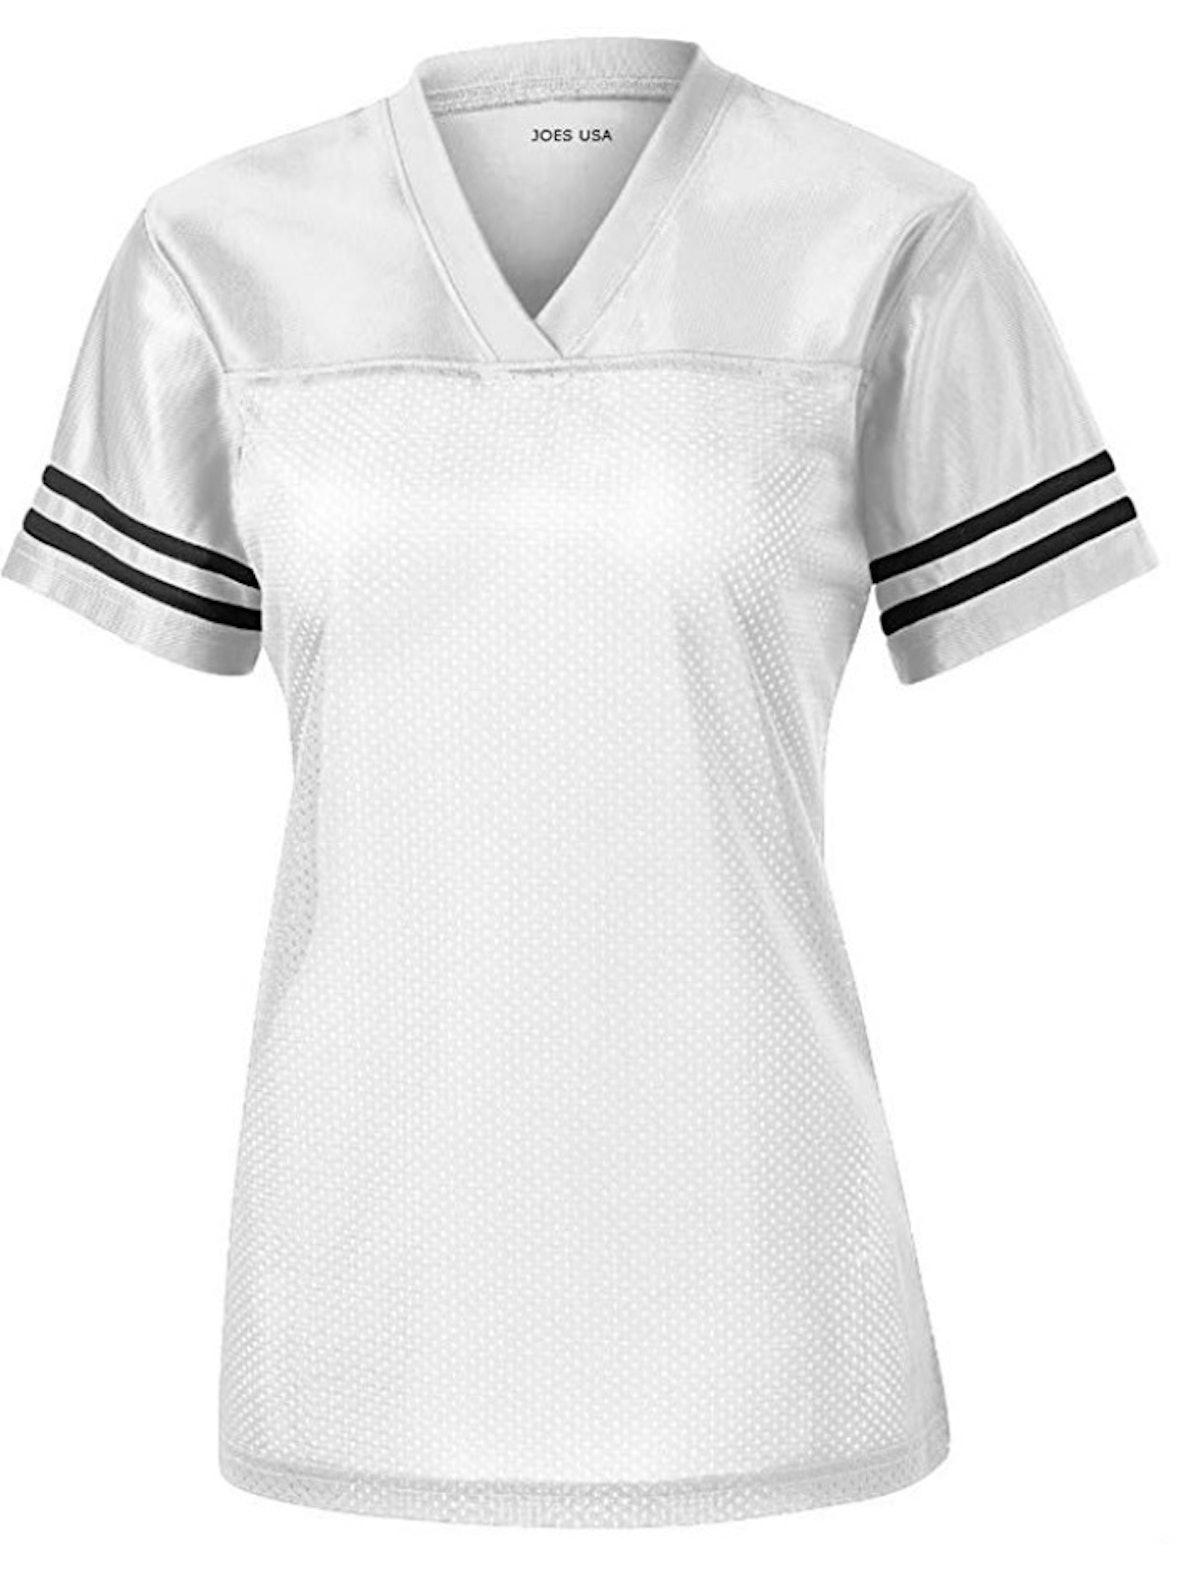 Joe's USA Ladies Replica Football Jerseys in Adult Sizes: XS-4XL